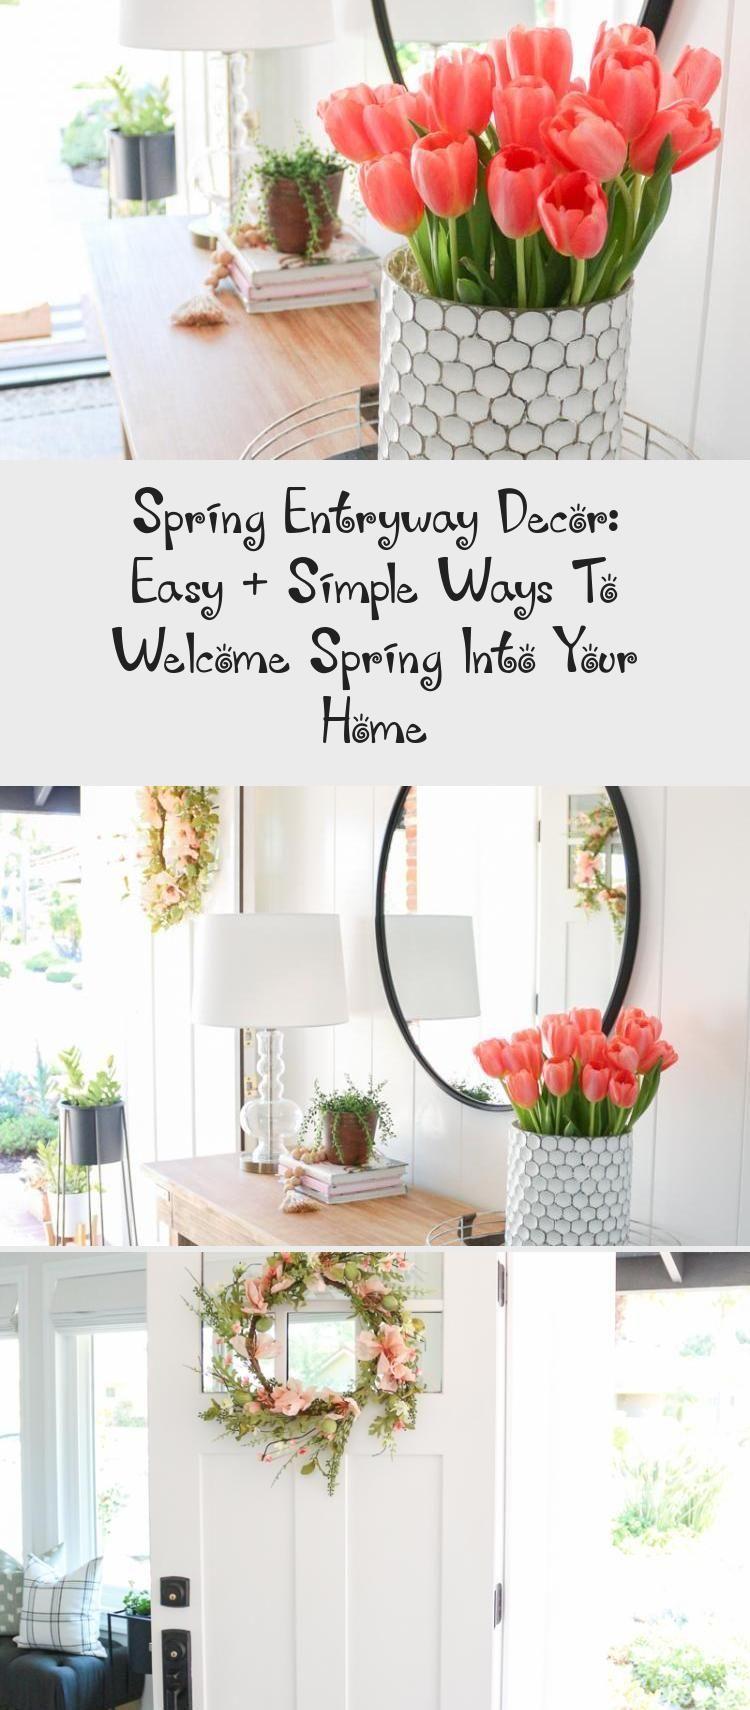 Spring Entryway Decor: Easy + Simple Ways To Welcome Spring Into Your Home -  Spring Entryway Decor: Easy   Simple Ways to Welcome Spring into Your Home #Gardendecor #decorStyle - #bohoFrenchDecor #coastalFrenchDecor #Decor #Easy #eclecticFrenchDecor #Entryway #FrenchDecorcolors #FrenchDecordining #FrenchDecorgold #home #shabbyFrenchDecor #Simple #spring #ways #entryway decor eclectic